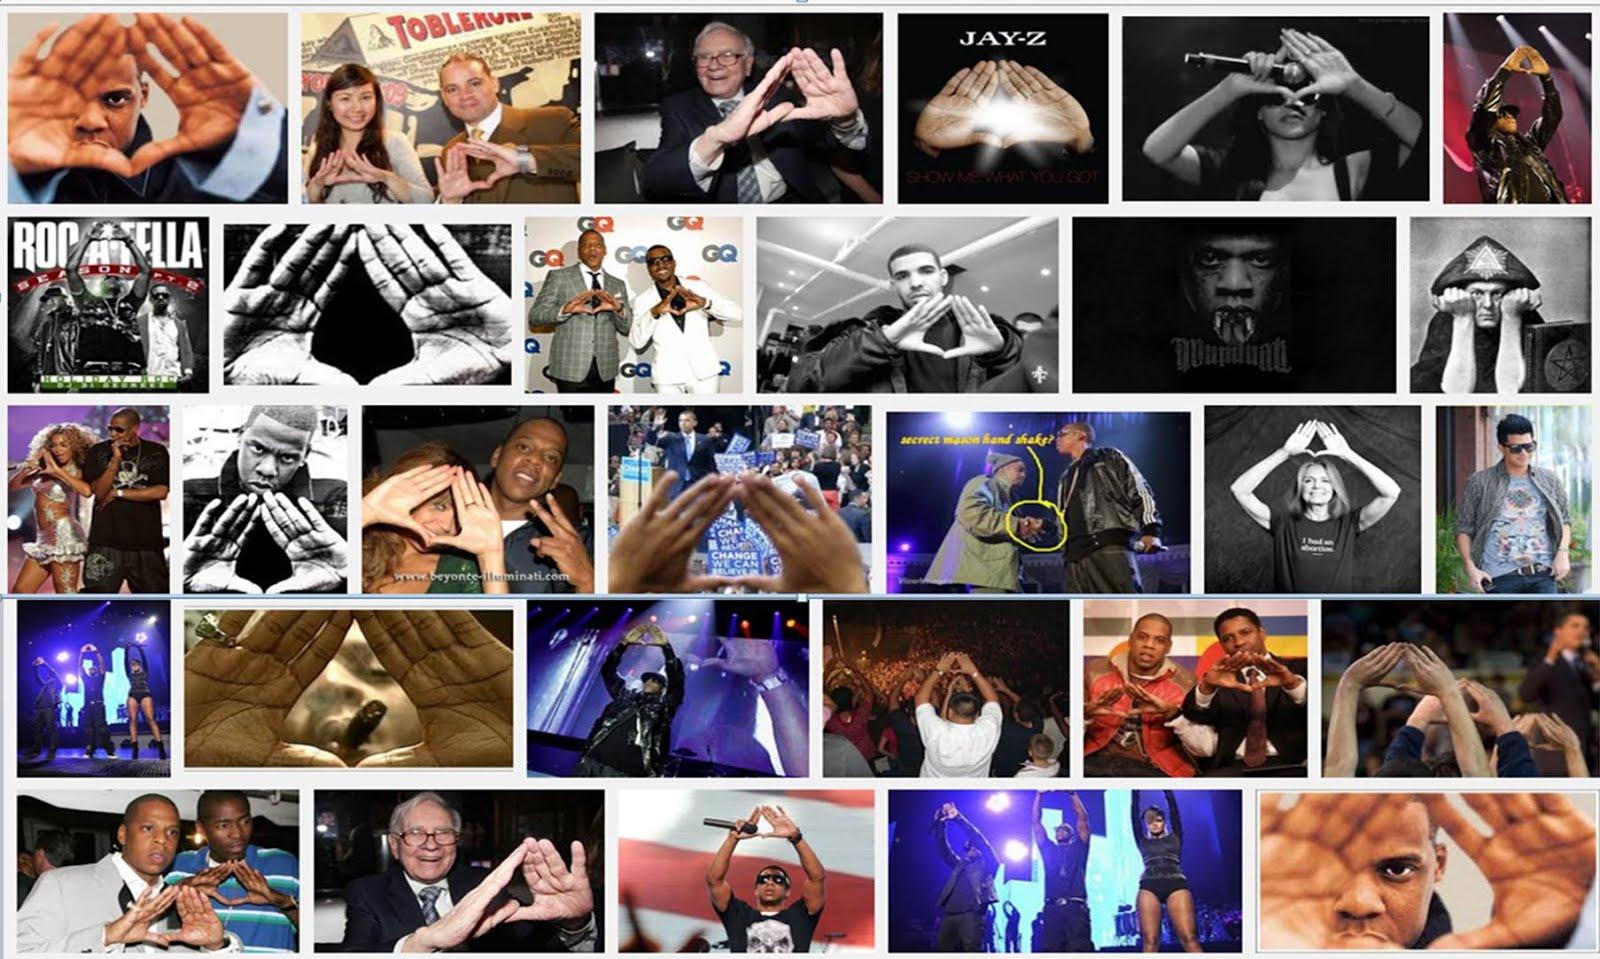 http://1.bp.blogspot.com/-gd8W7_Y5nbU/Vuw5FPxW20I/AAAAAAAAILQ/EZkqRkowcl0wd9TXrM7-OZsGJVYLuDyRA/s1600/Jay-Z%25E2%2580%2599s%2BRoc%2BIlluminati%2BPyramid%2B5.jpg